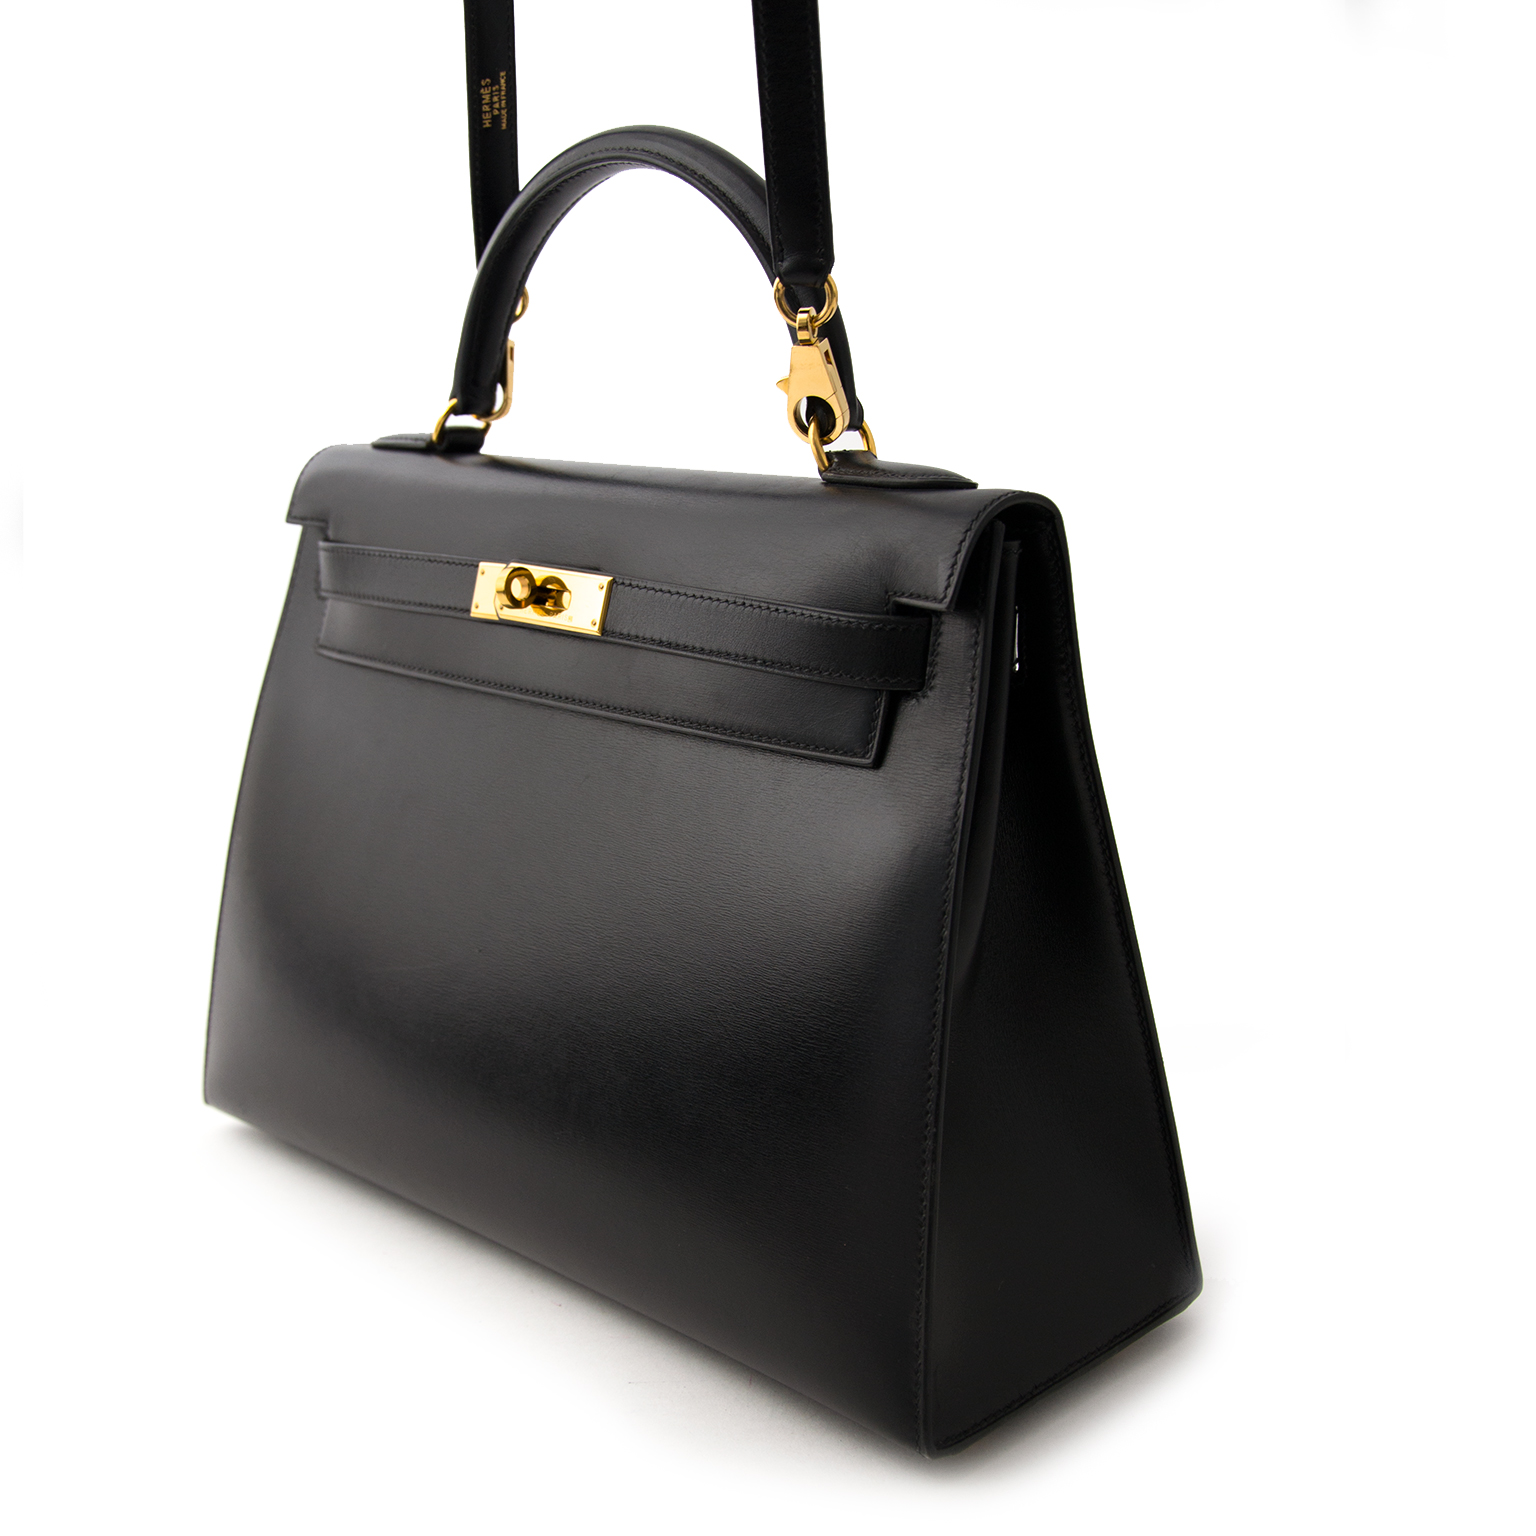 Acheter en ligne chez labellov.com pour le meilleur prix Hermes Kelly 32cm Black Box Calf